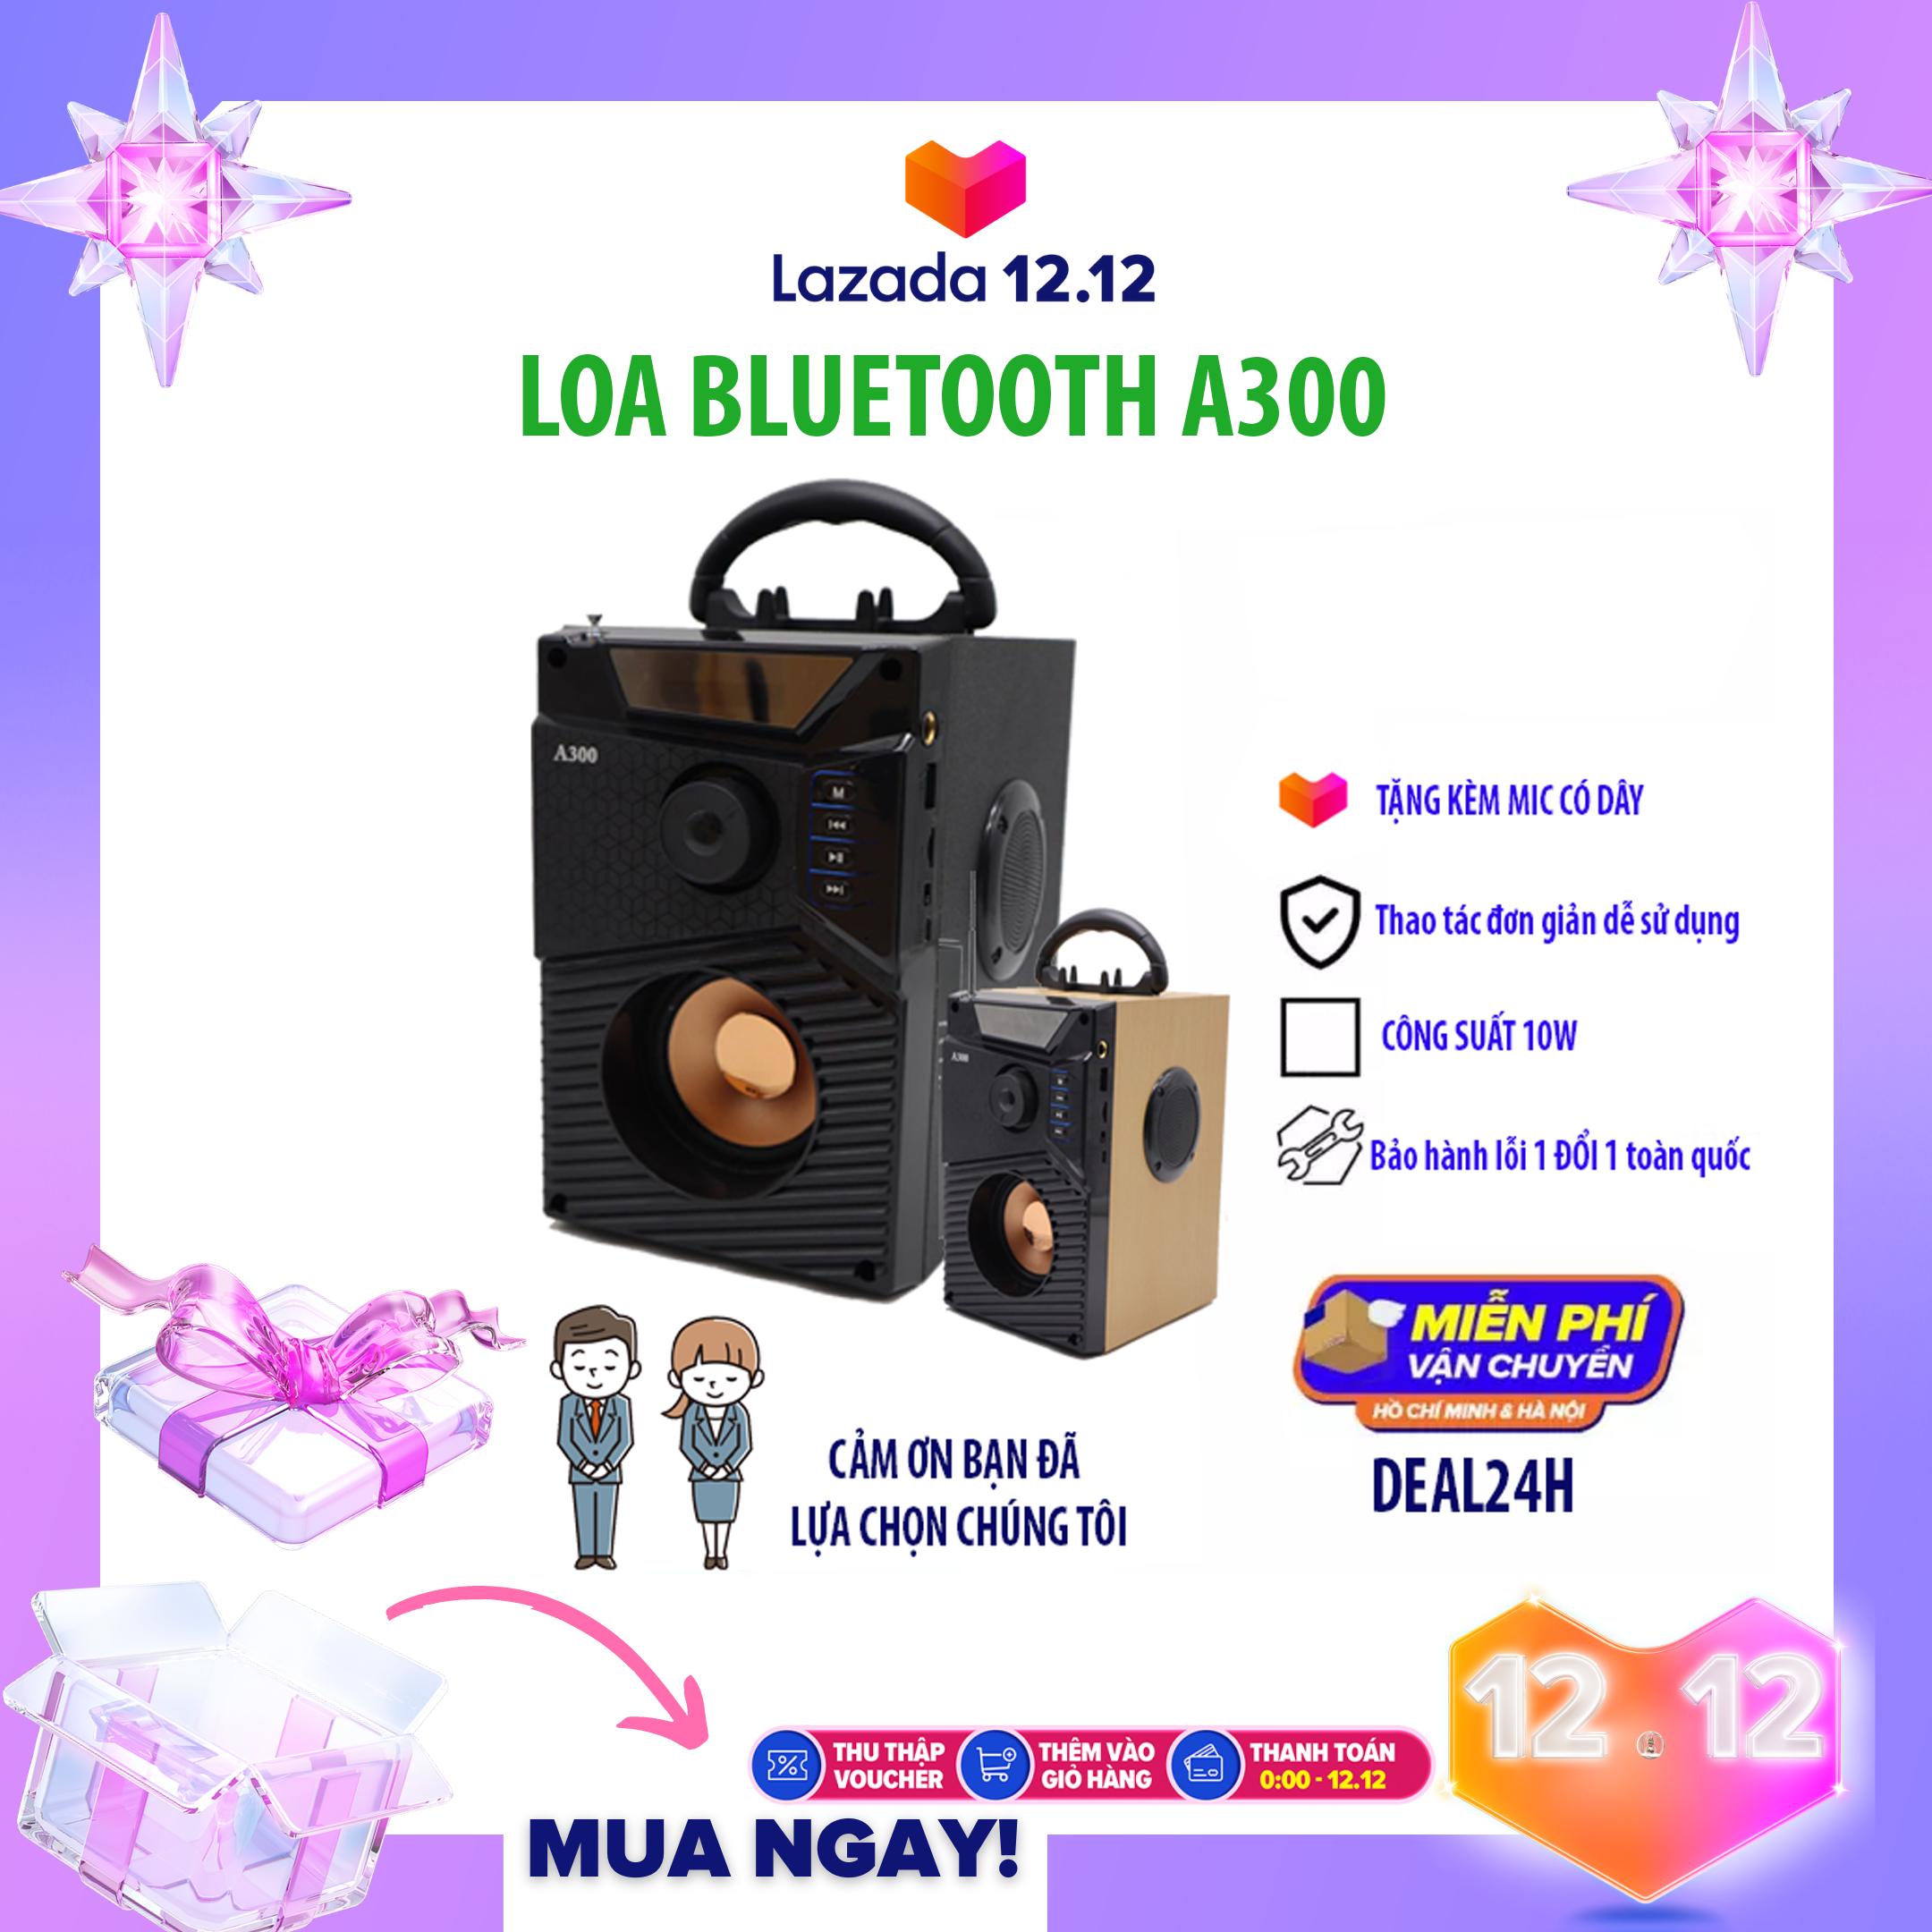 Loa Hát Karaoke TẶNG KÈM MIC – bluetooth speaker loud – Loa siêu BASS sony cũng không hay bằng – Bộ Xử Lý Âm Thanh Hiện Đại, Âm Bass Trầm Ấm, Công Nghệ Bluetooth 4.1 Cao Cấp – Chất Lượng Như Loa Bluetooth Sony